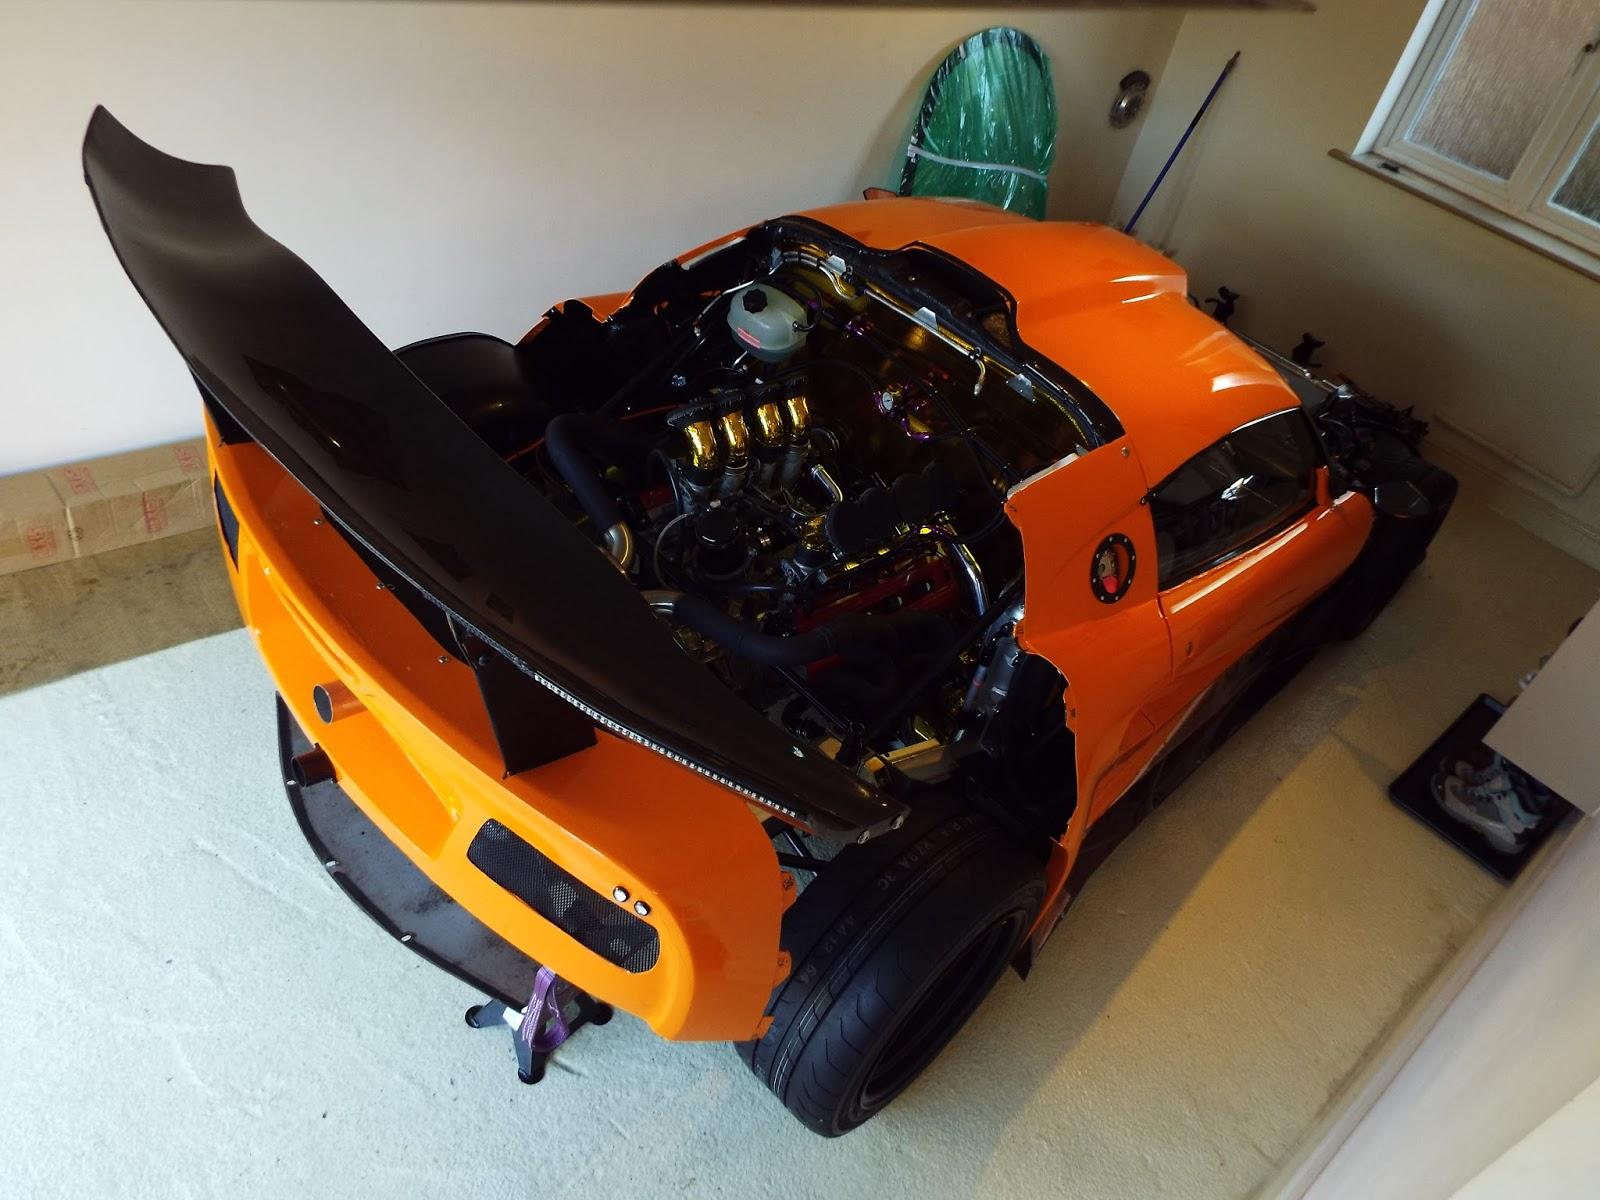 lotus exige with a ferrari f355 v8 engine swap depot. Black Bedroom Furniture Sets. Home Design Ideas